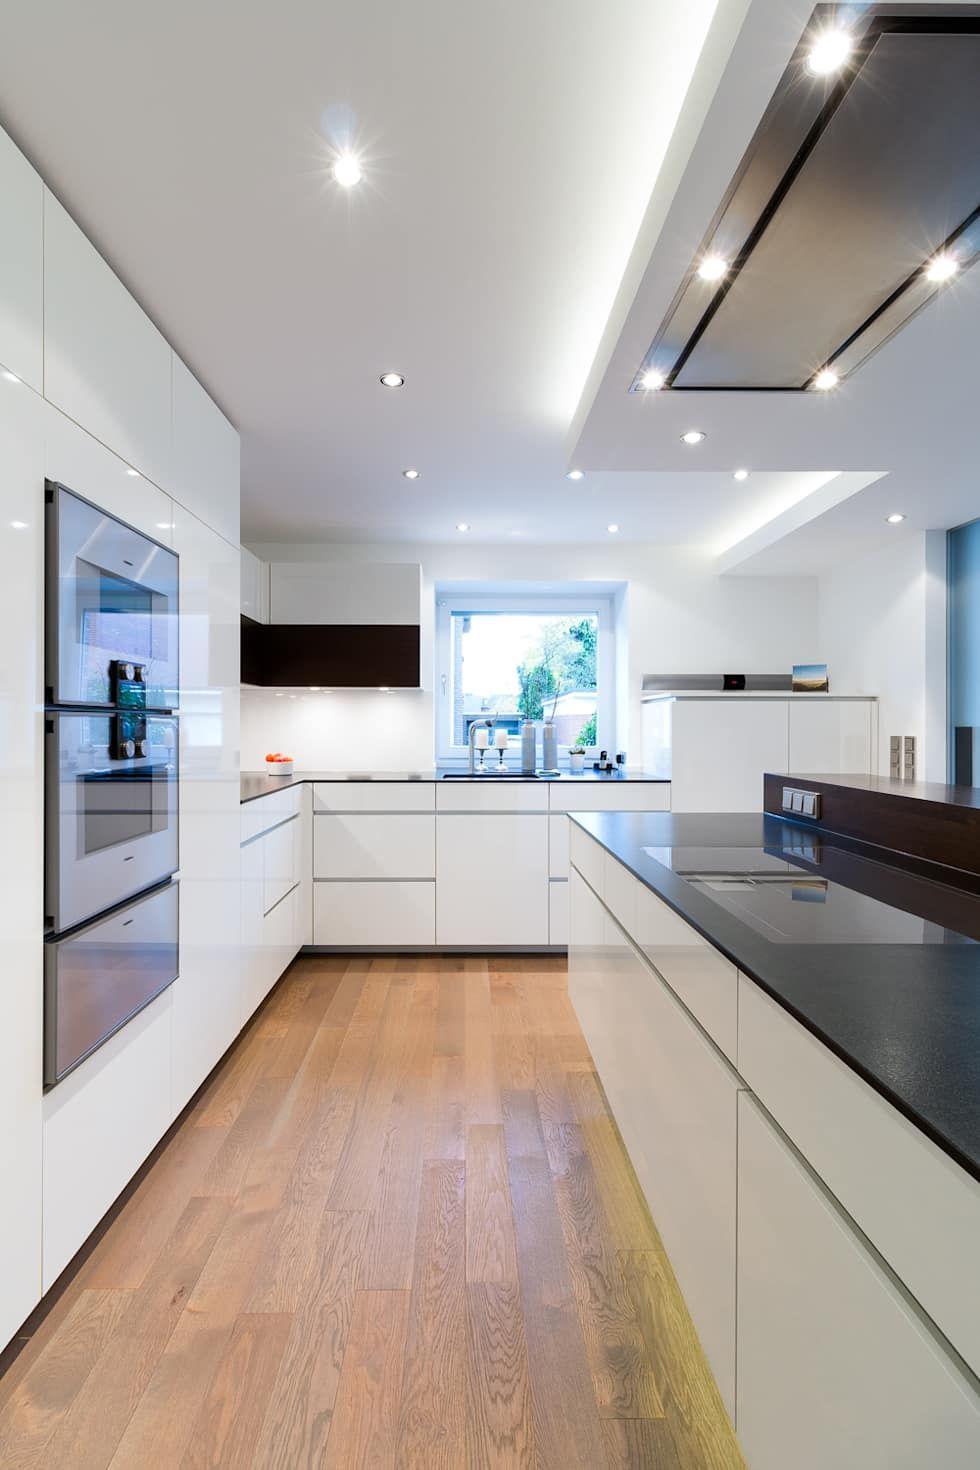 Moderne Küche Bilder: Wohnküche Nach Maß In Borken